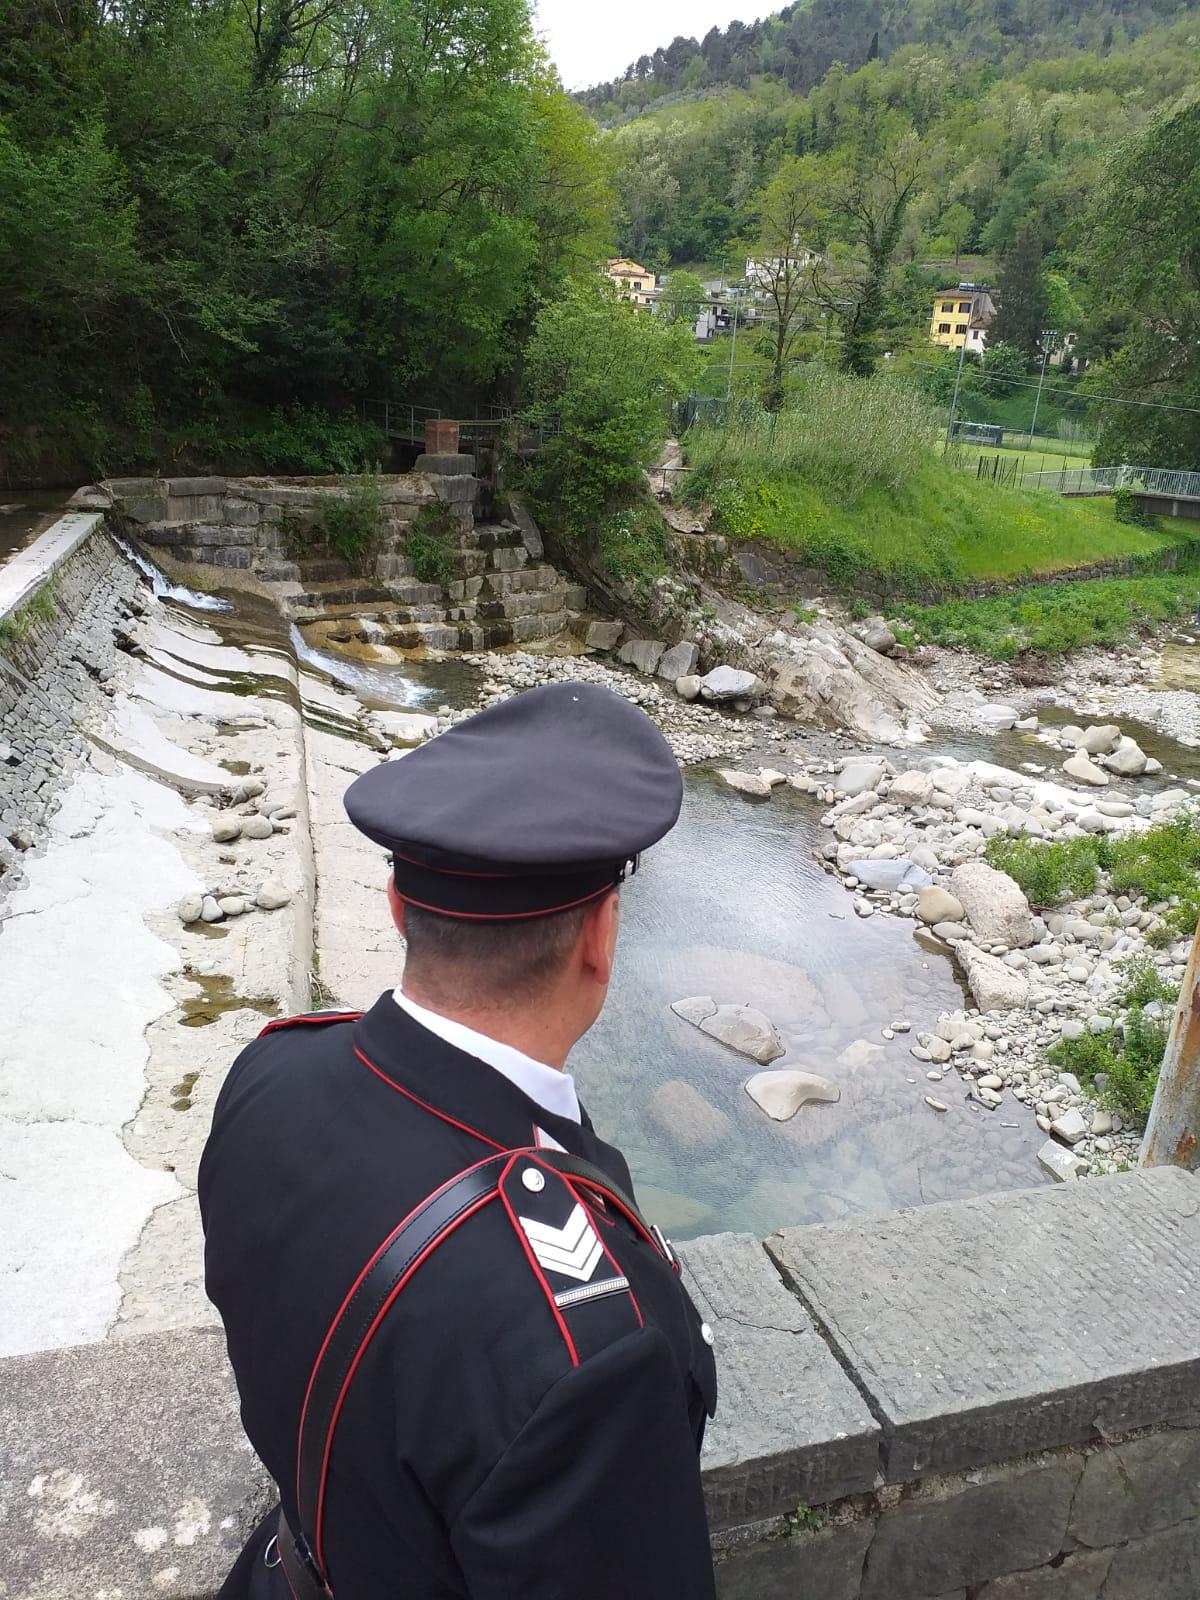 Minaccia di suicidarsi, salvato dai Carabinieri